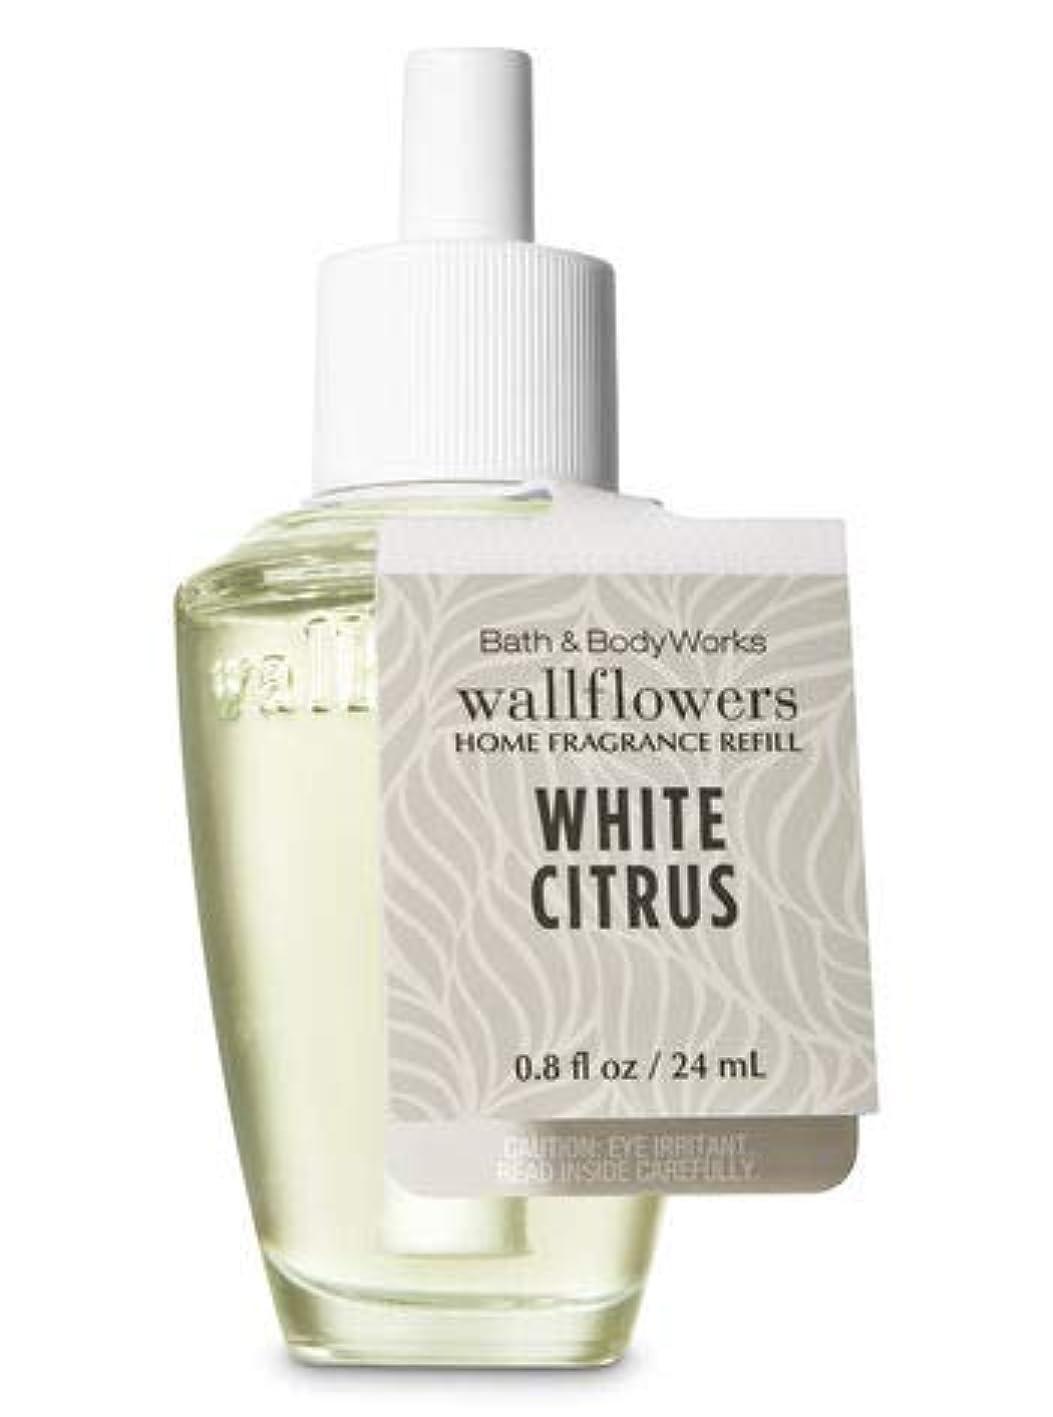 いらいらさせる国直径【Bath&Body Works/バス&ボディワークス】 ルームフレグランス 詰替えリフィル ホワイトシトラス Wallflowers Home Fragrance Refill White Citrus [並行輸入品]